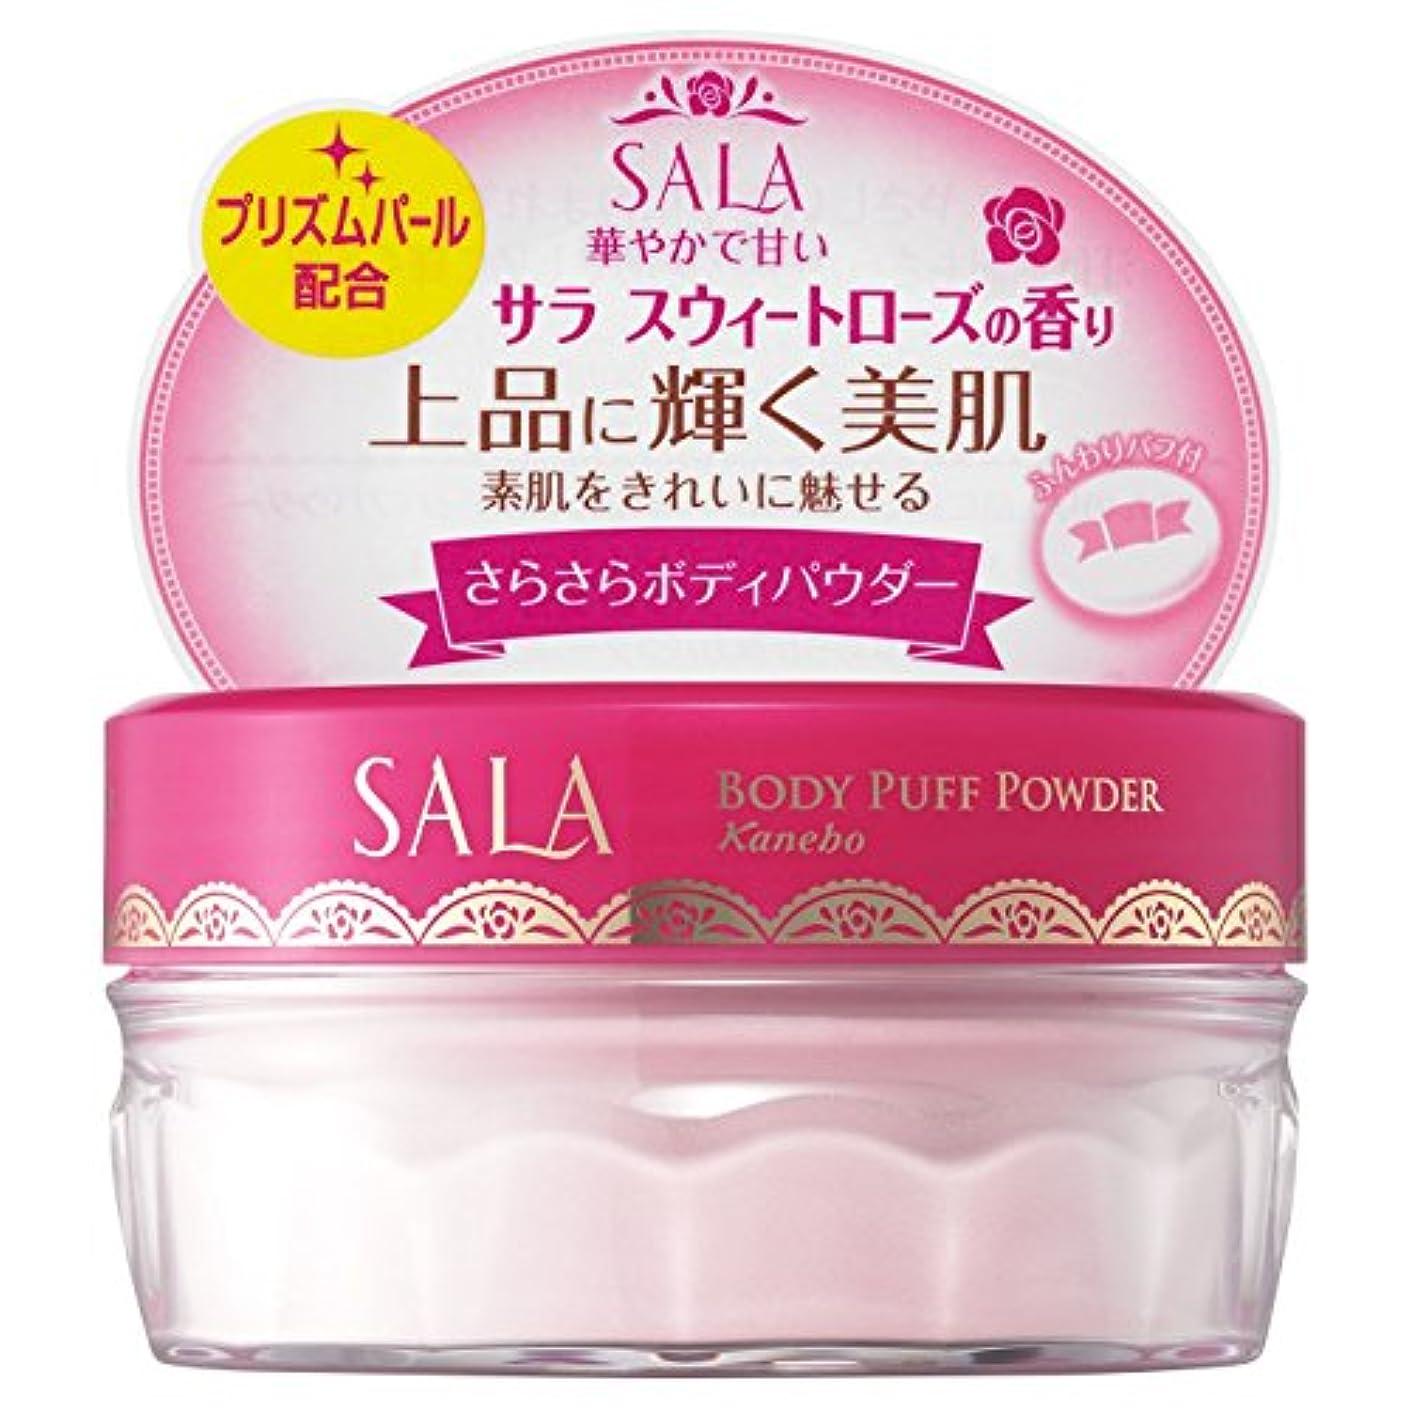 リンスピクニック紛争サラ ボディパフパウダー プリズムパール サラスウィートローズの香り